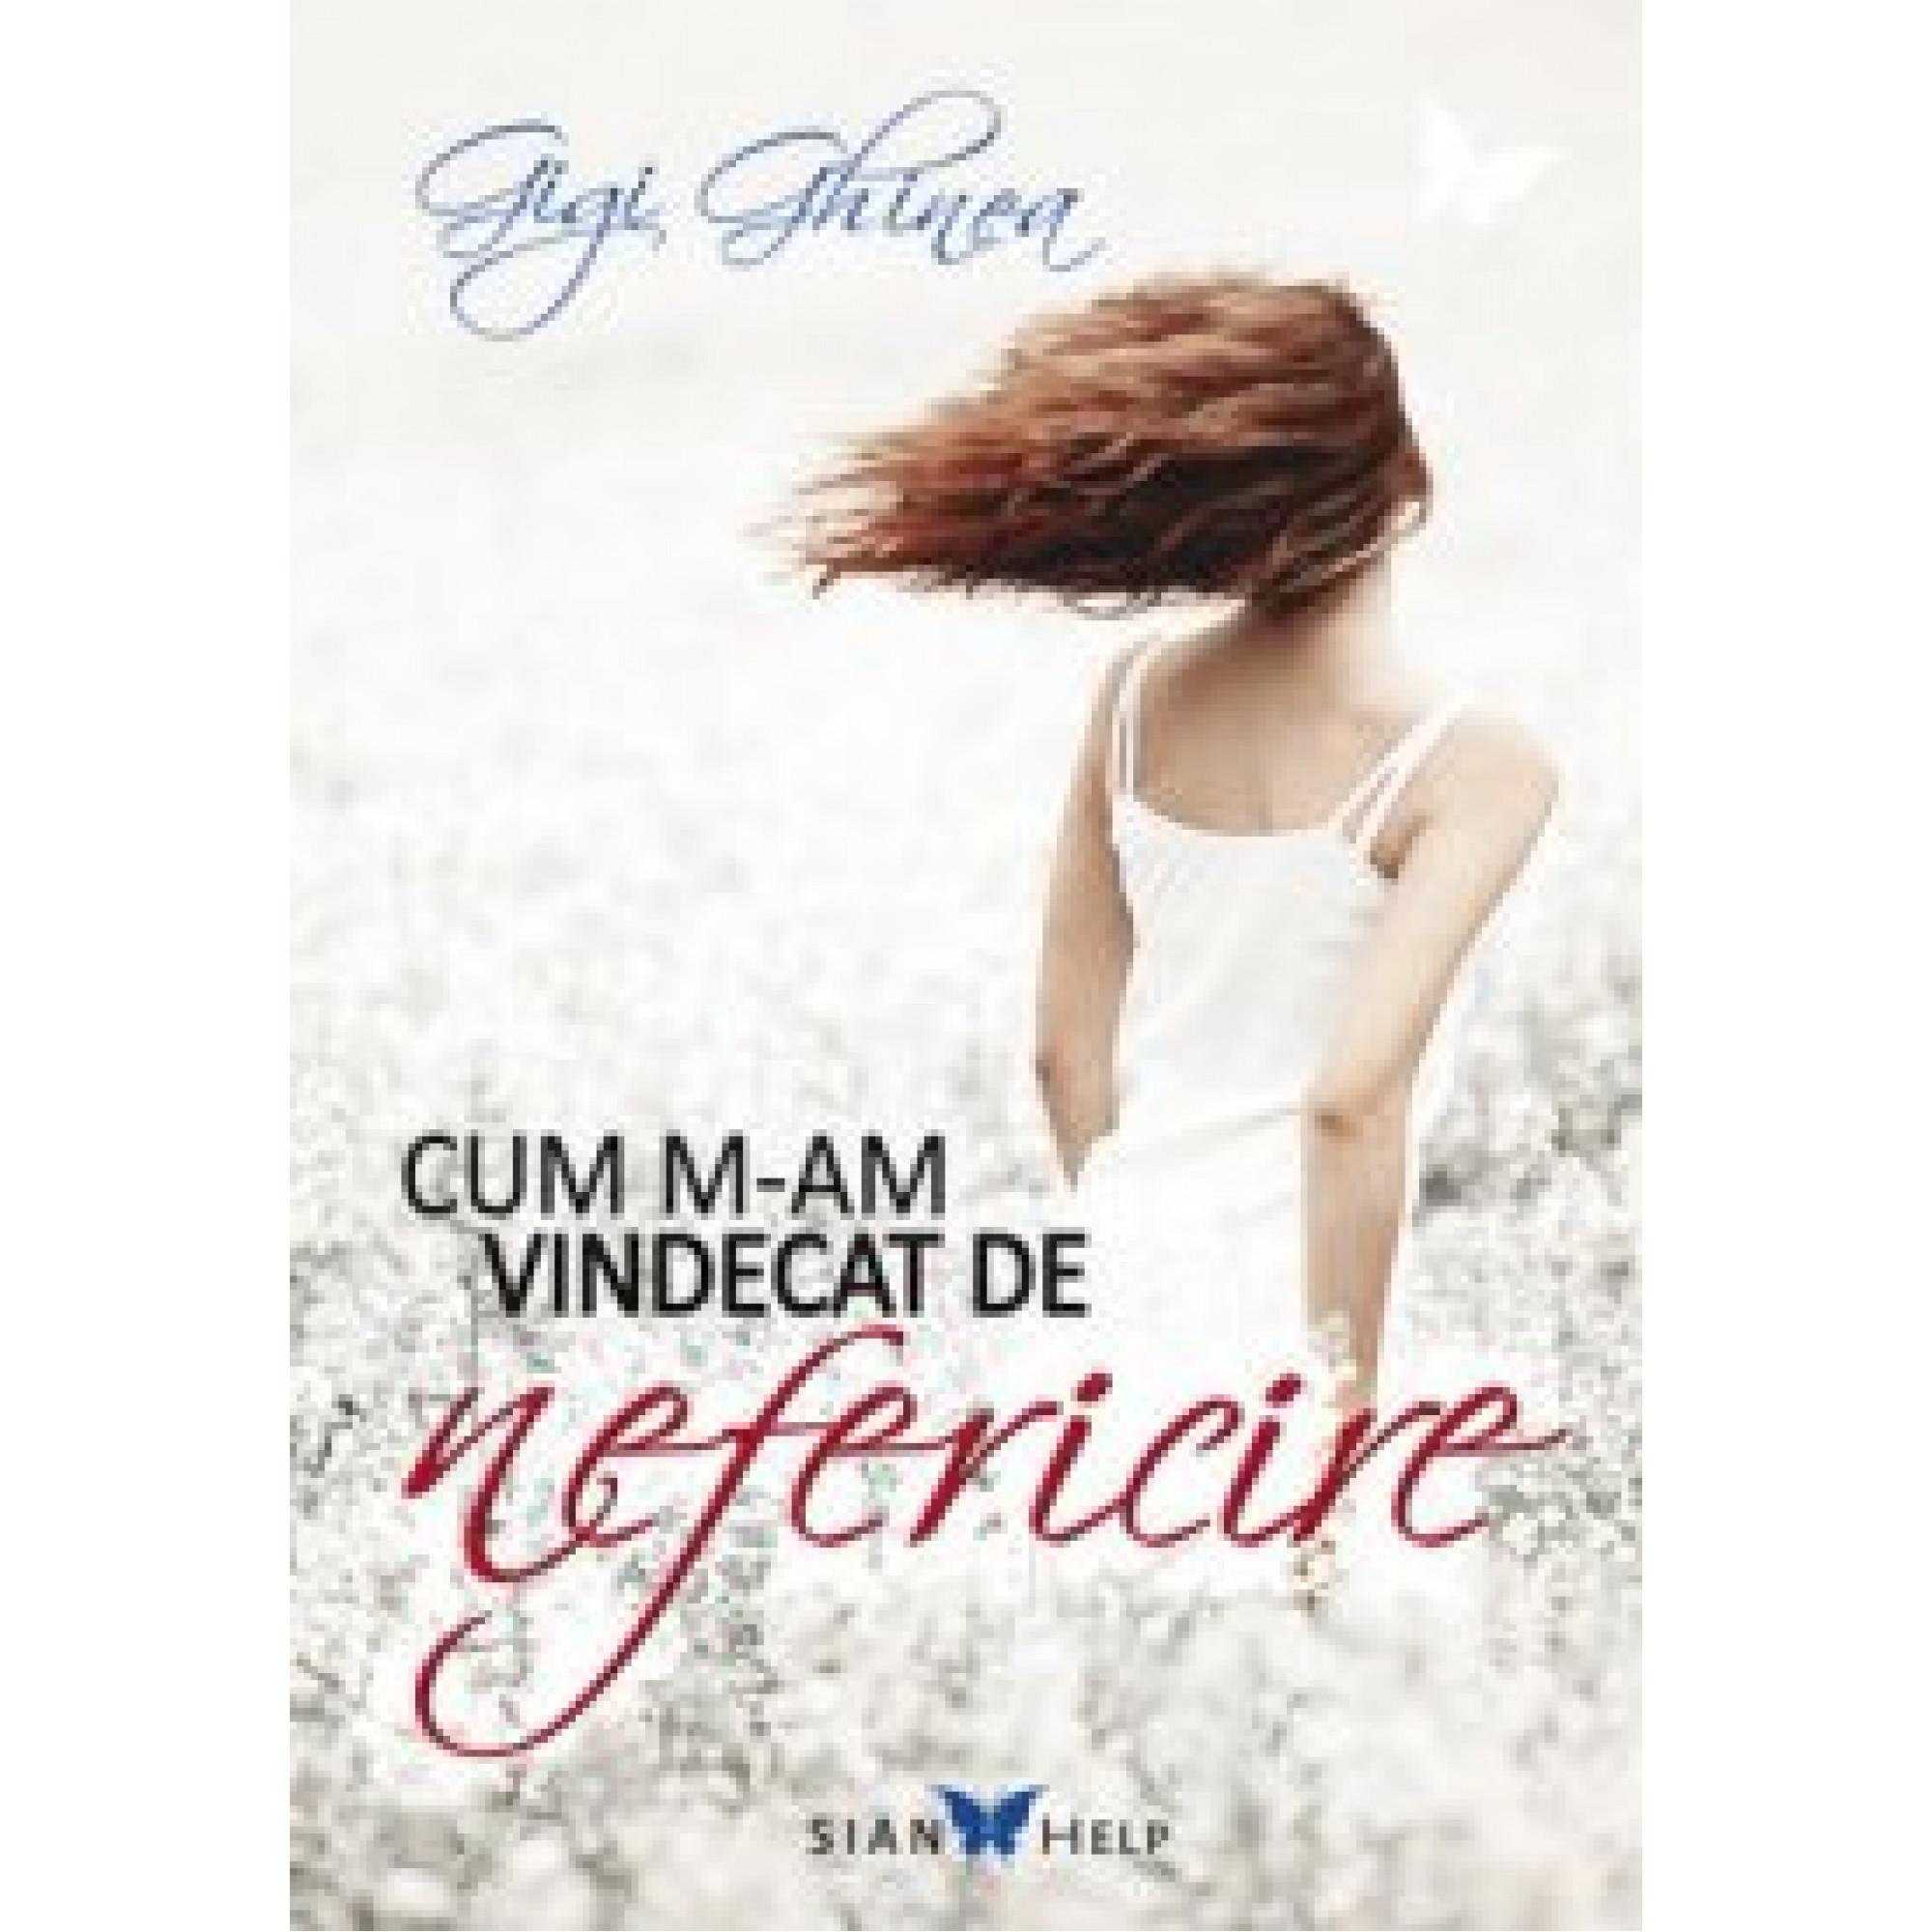 Cum m-am vindecat de nefericire; Gigi Ghinea